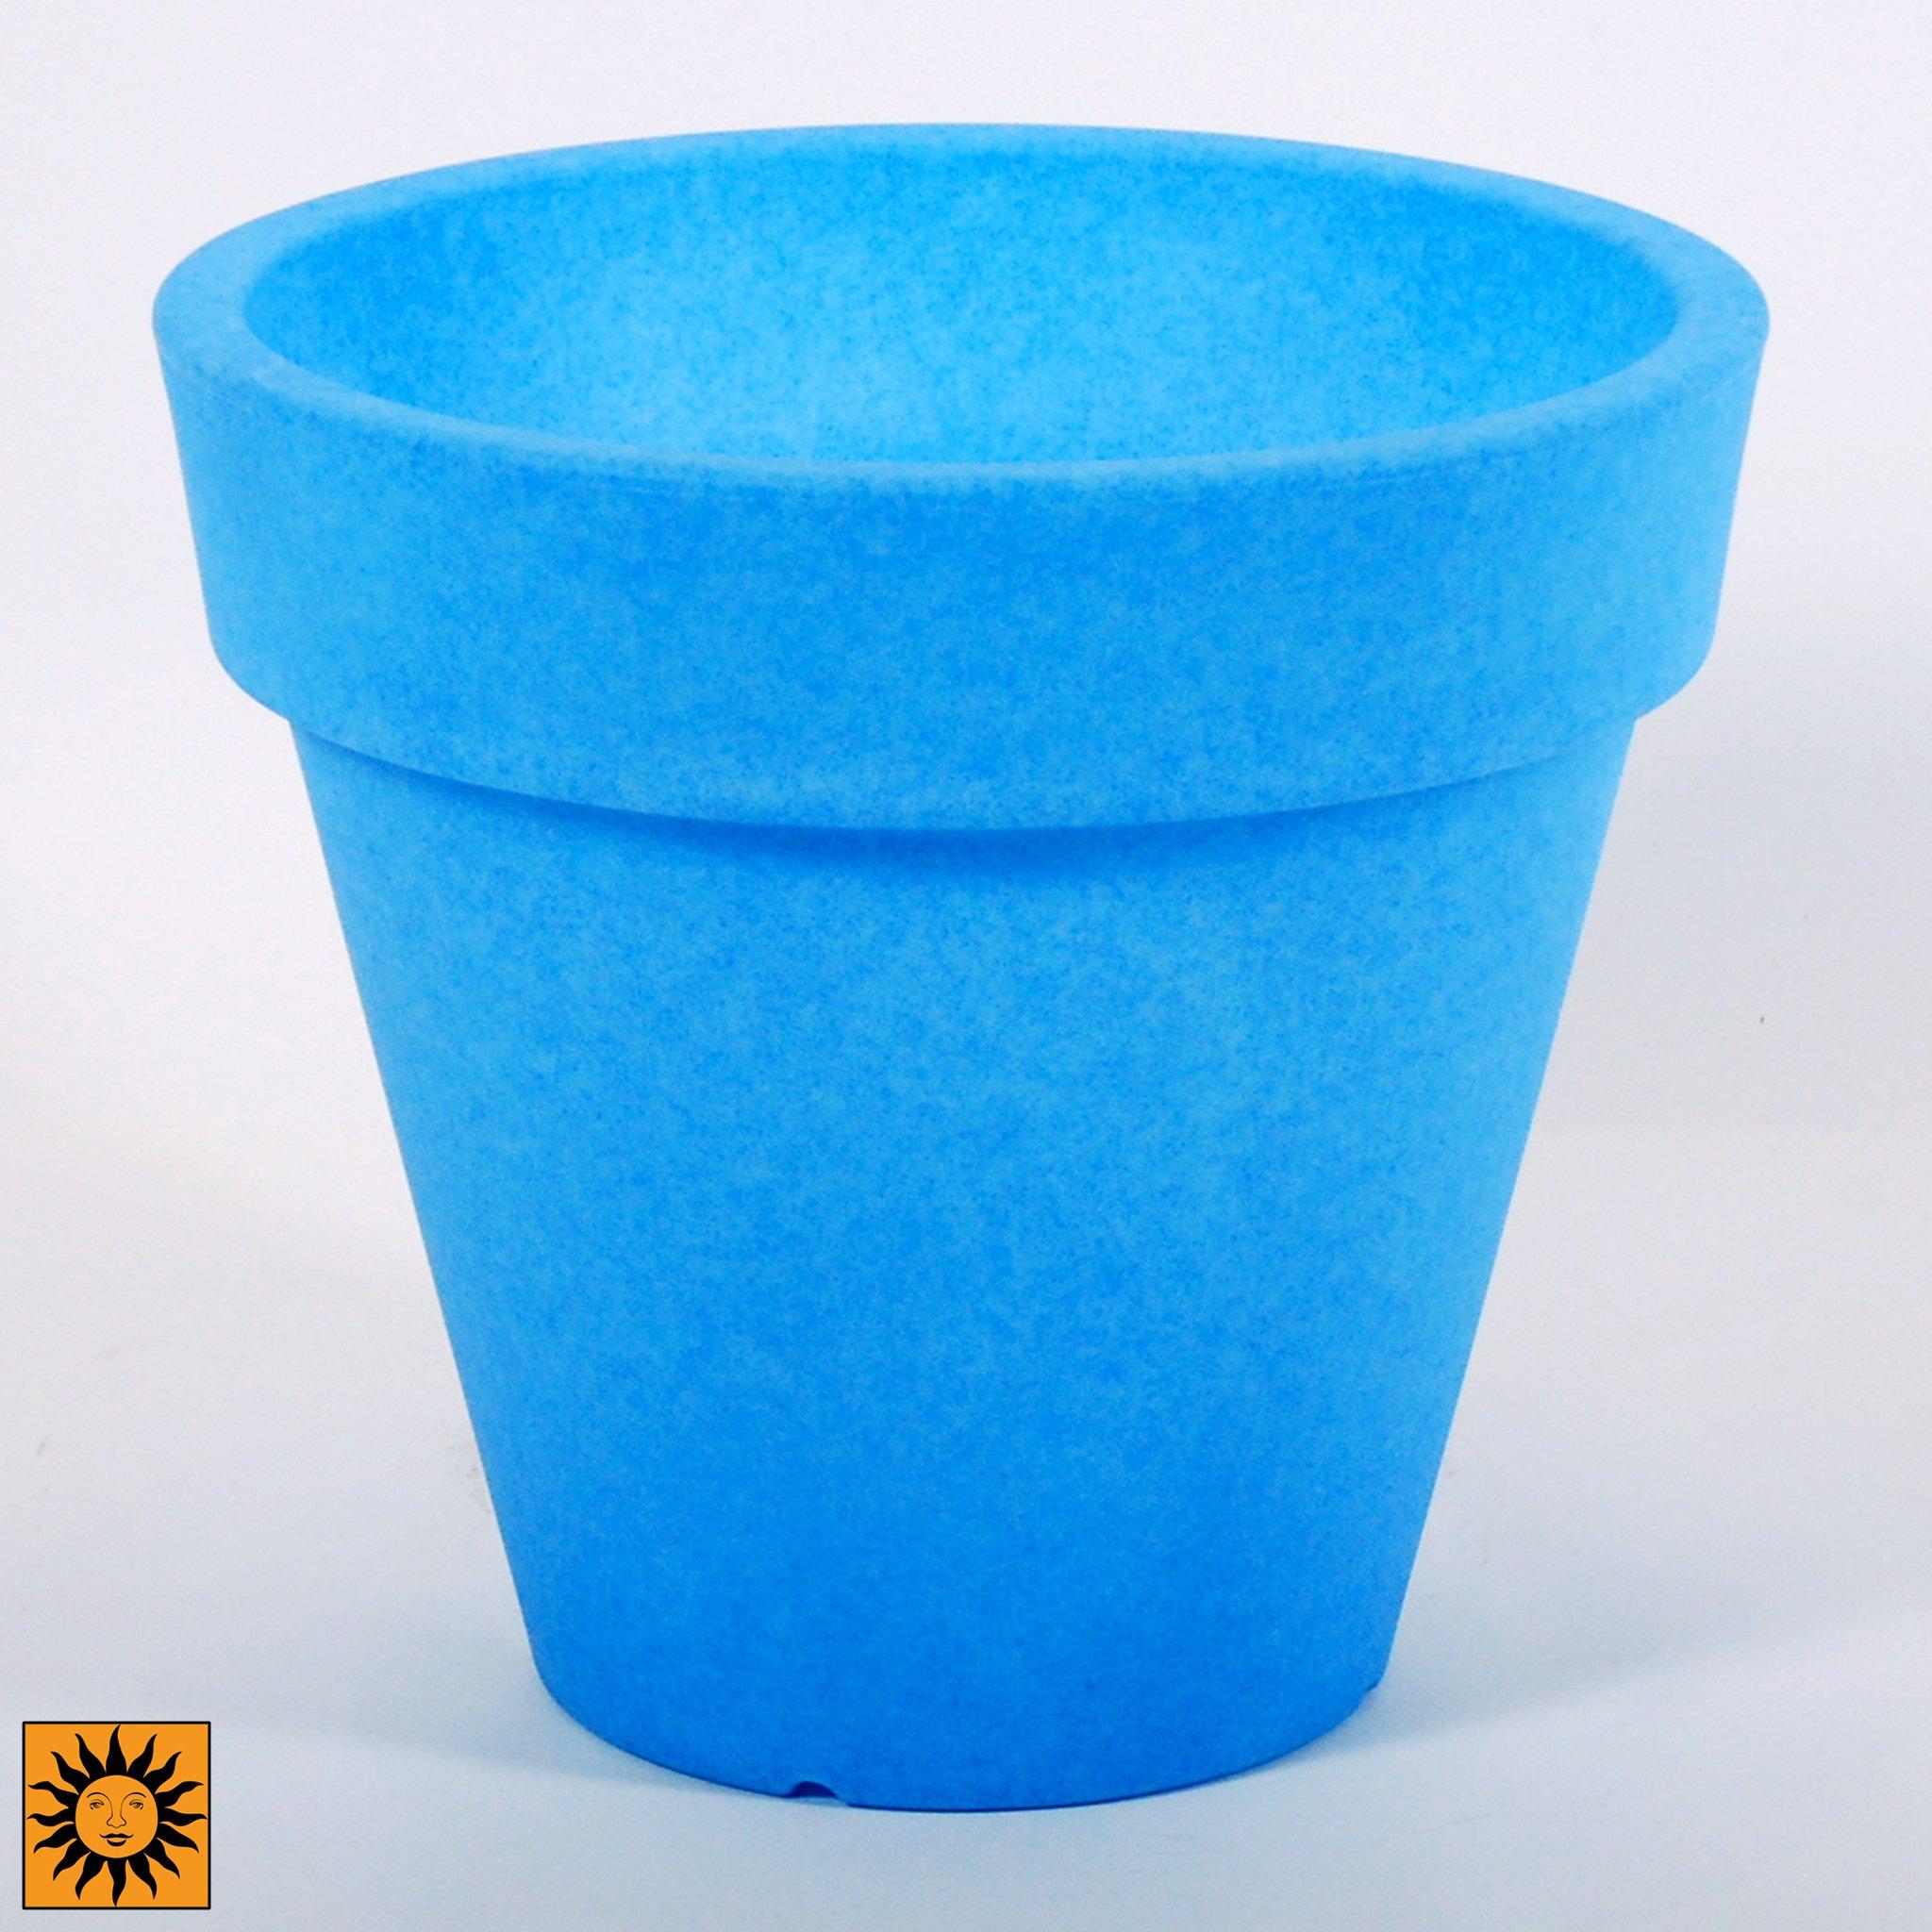 Design Toscano CF4101 Terme Flower Cachepot Glow in The Dark Planter Urn, 15.5'', Blue